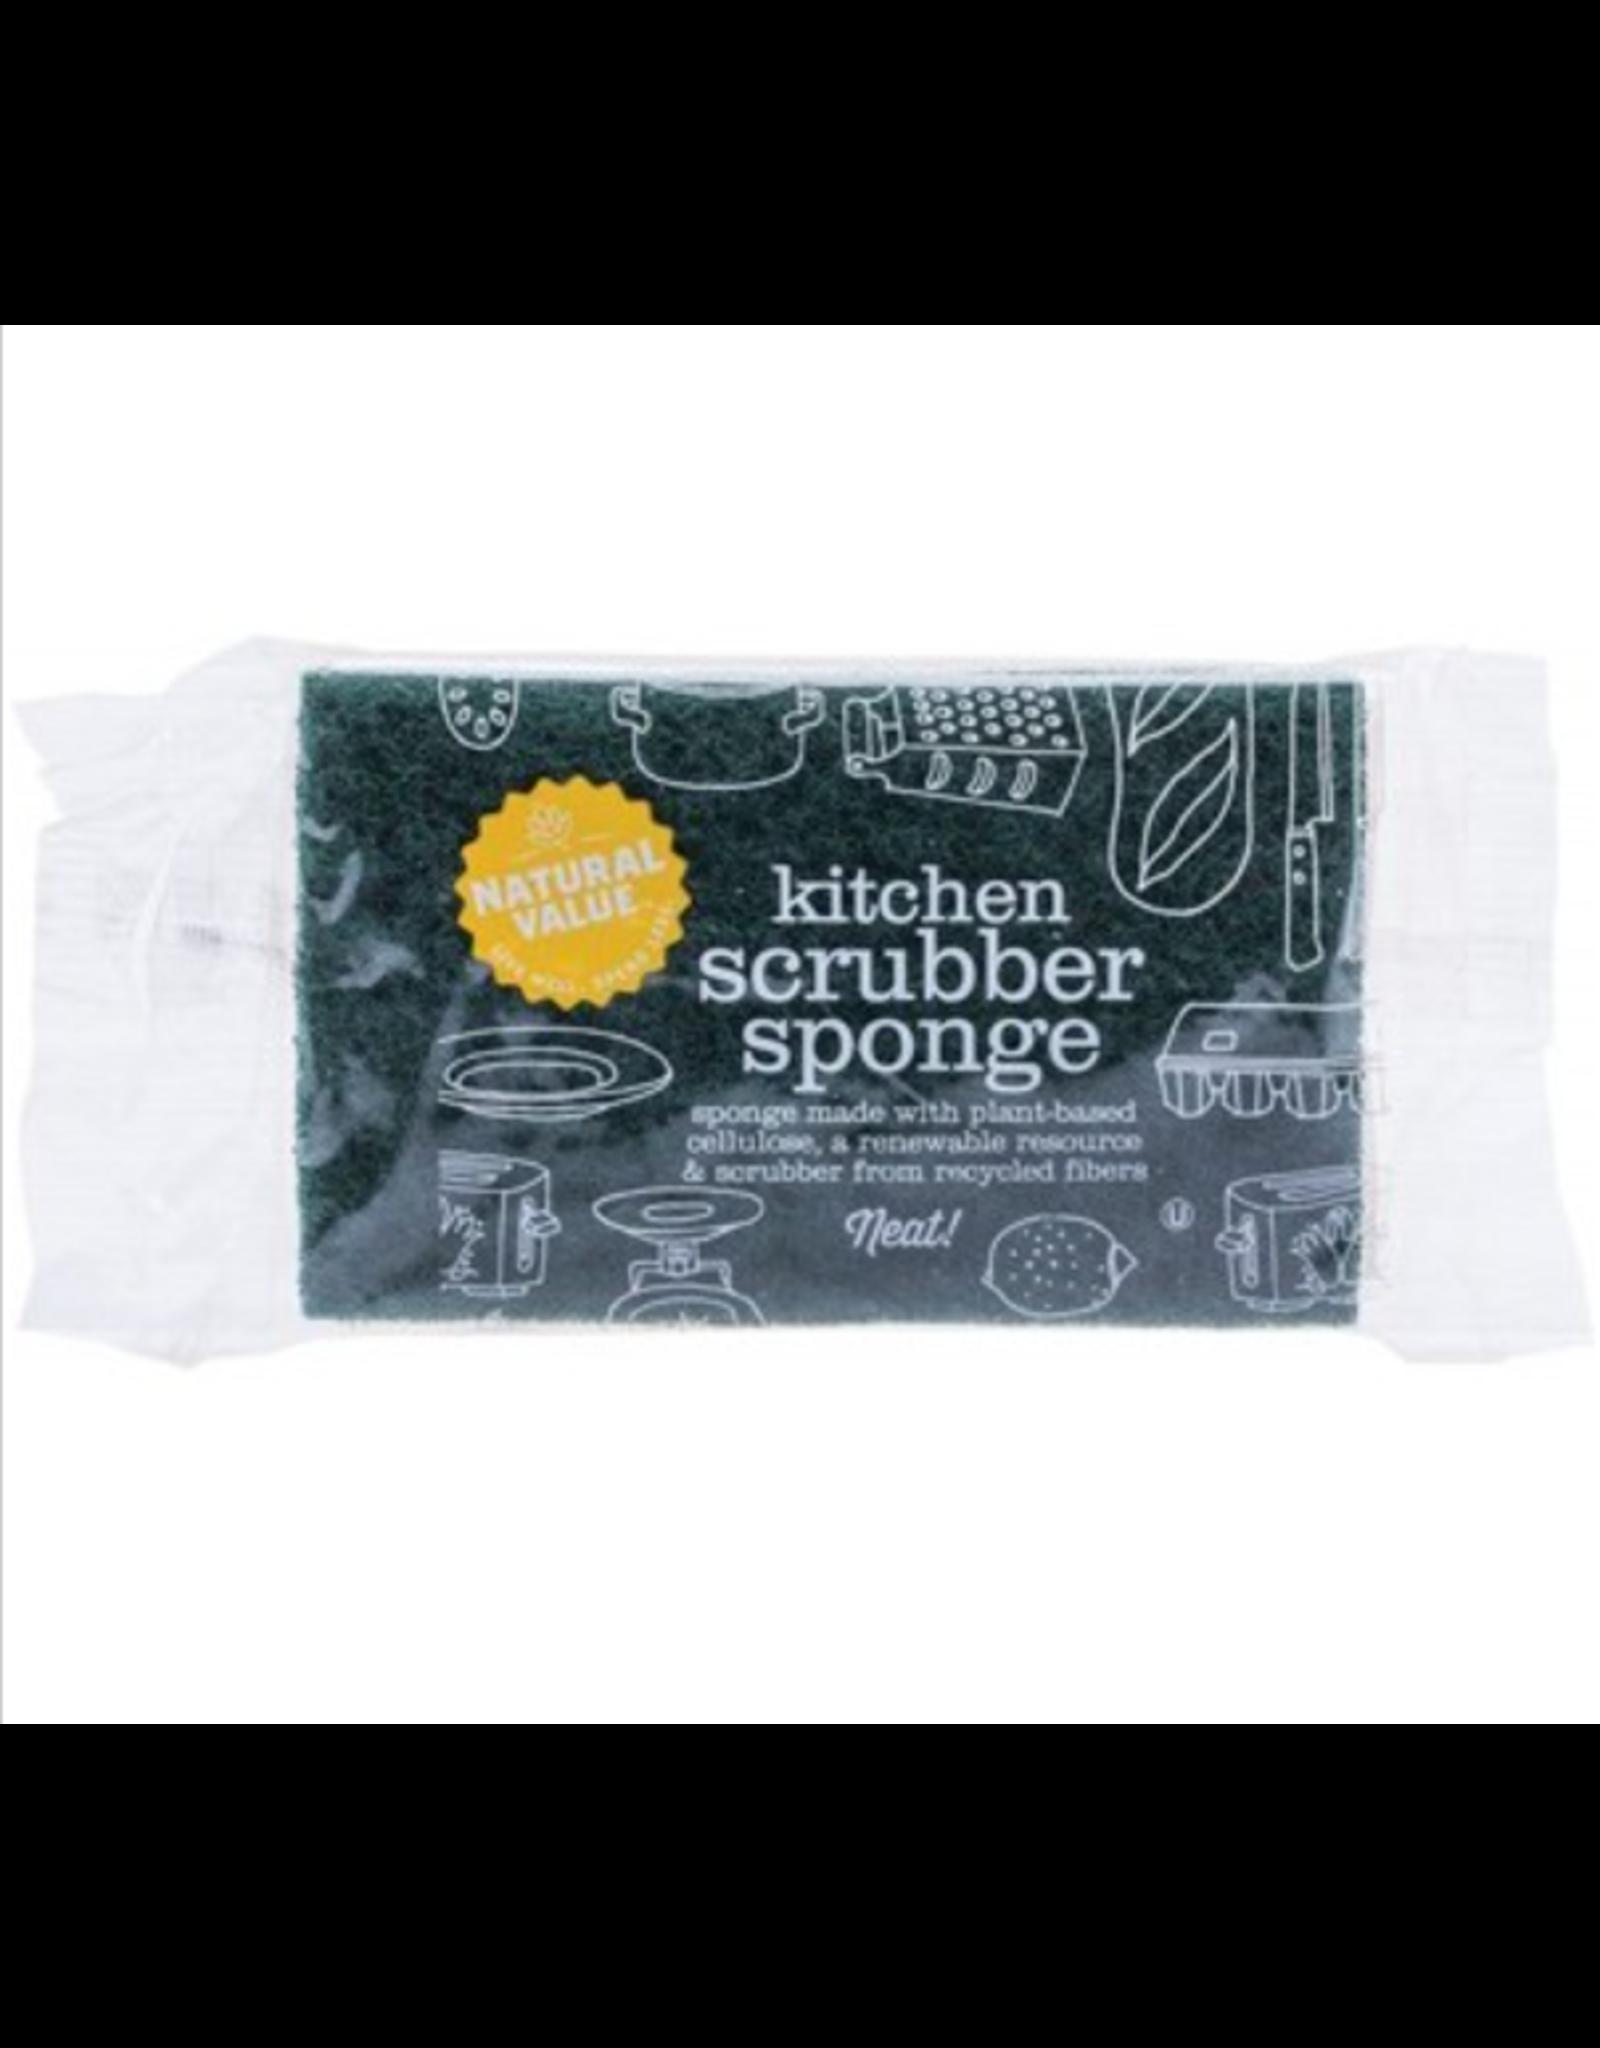 Natural Value Kitchen Scrubber Sponge 1 Pack